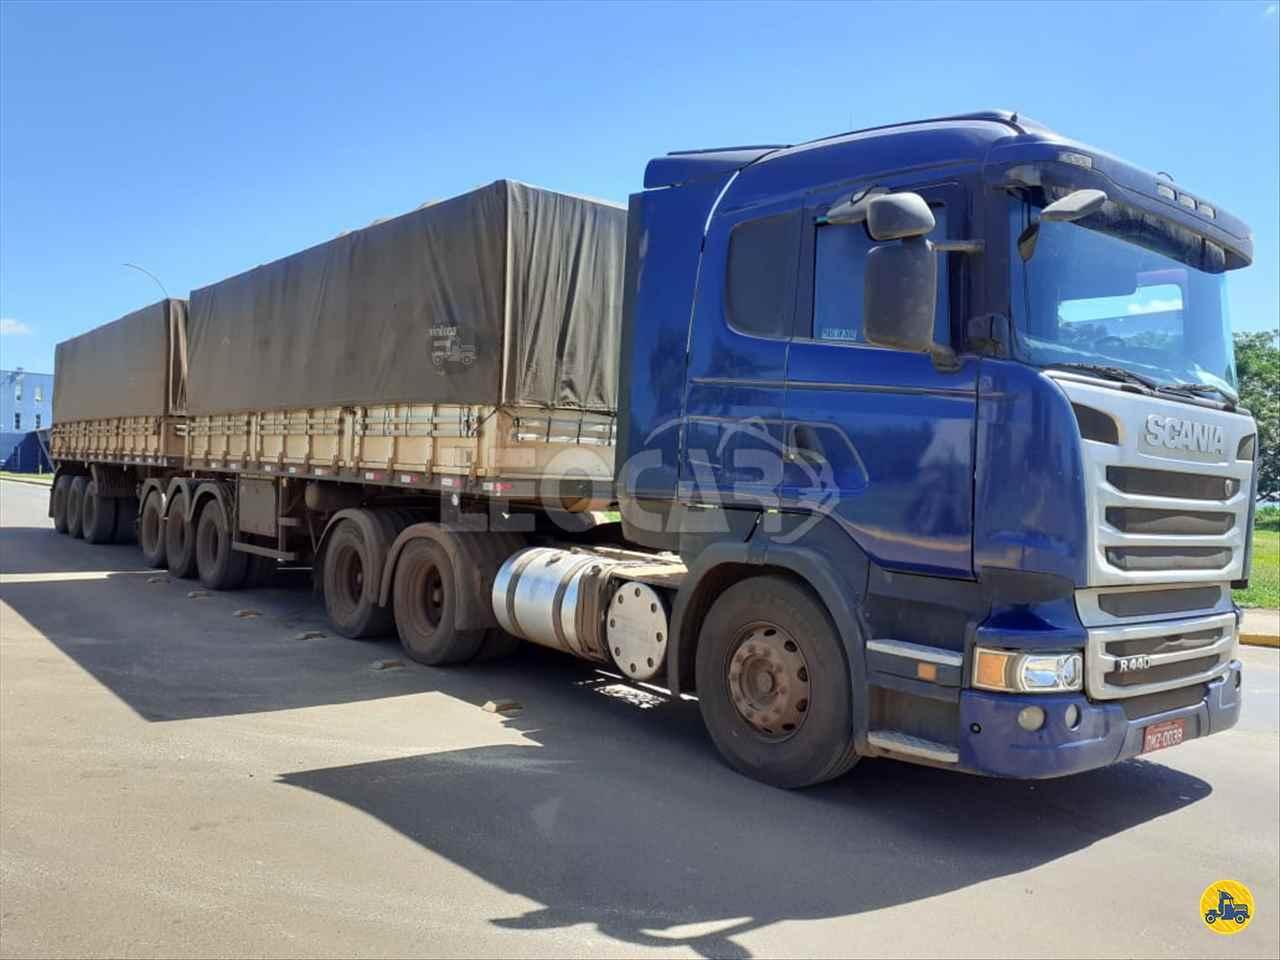 CAMINHAO SCANIA SCANIA 440 Cavalo Mecânico Traçado 6x4 Leocar Caminhões PRIMAVERA DO LESTE MATO GROSSO MT